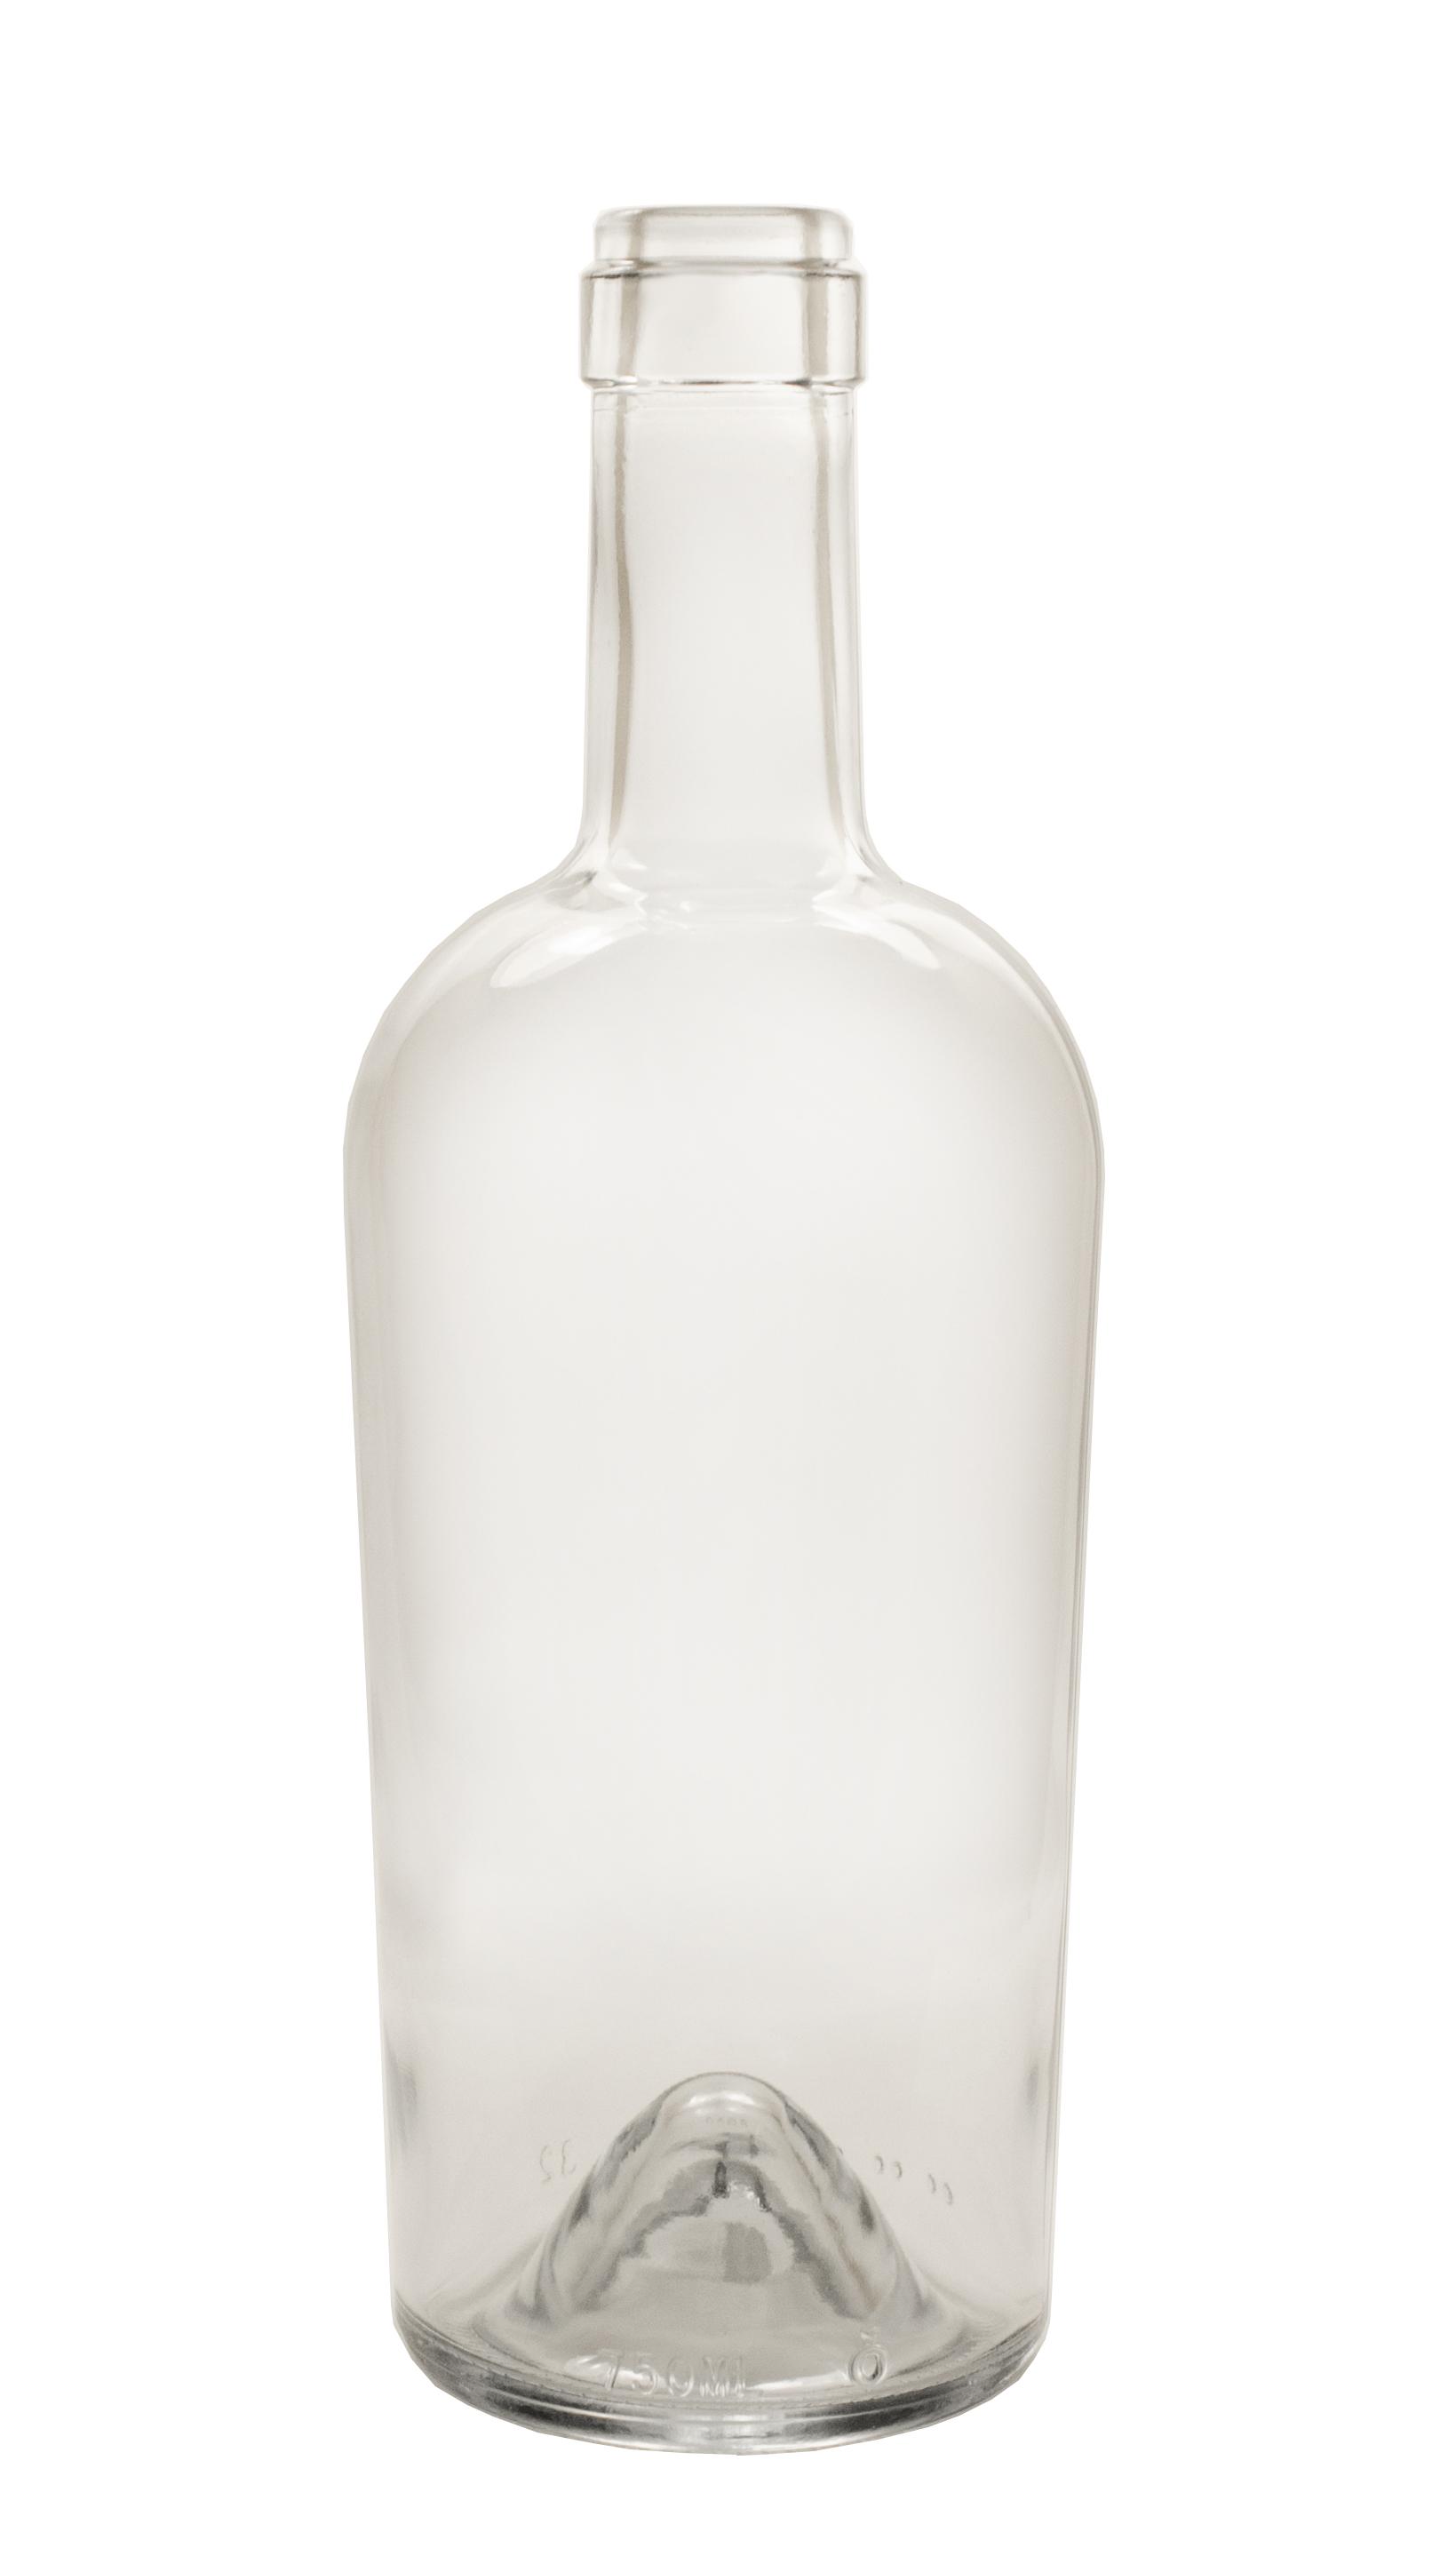 Balto_Flint_Port_Wine_Bottle_750ml